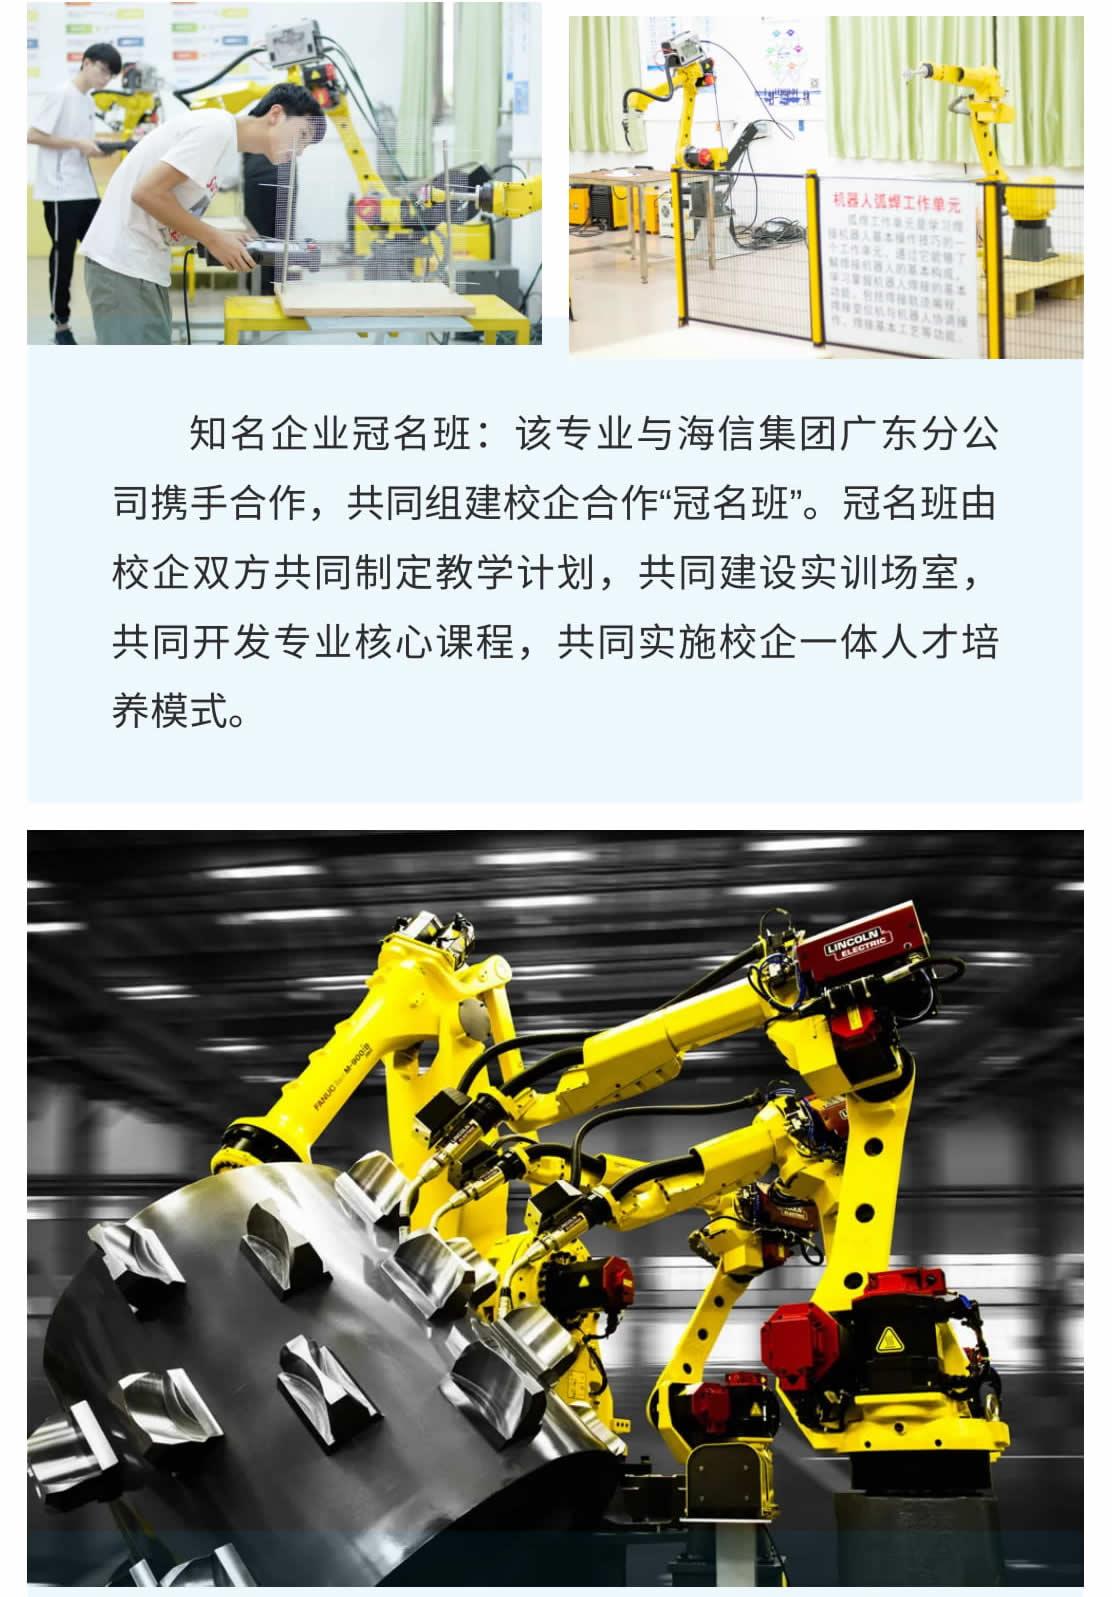 工业机器人应用与维护(高中起点三年制)-1_r5_c1.jpg